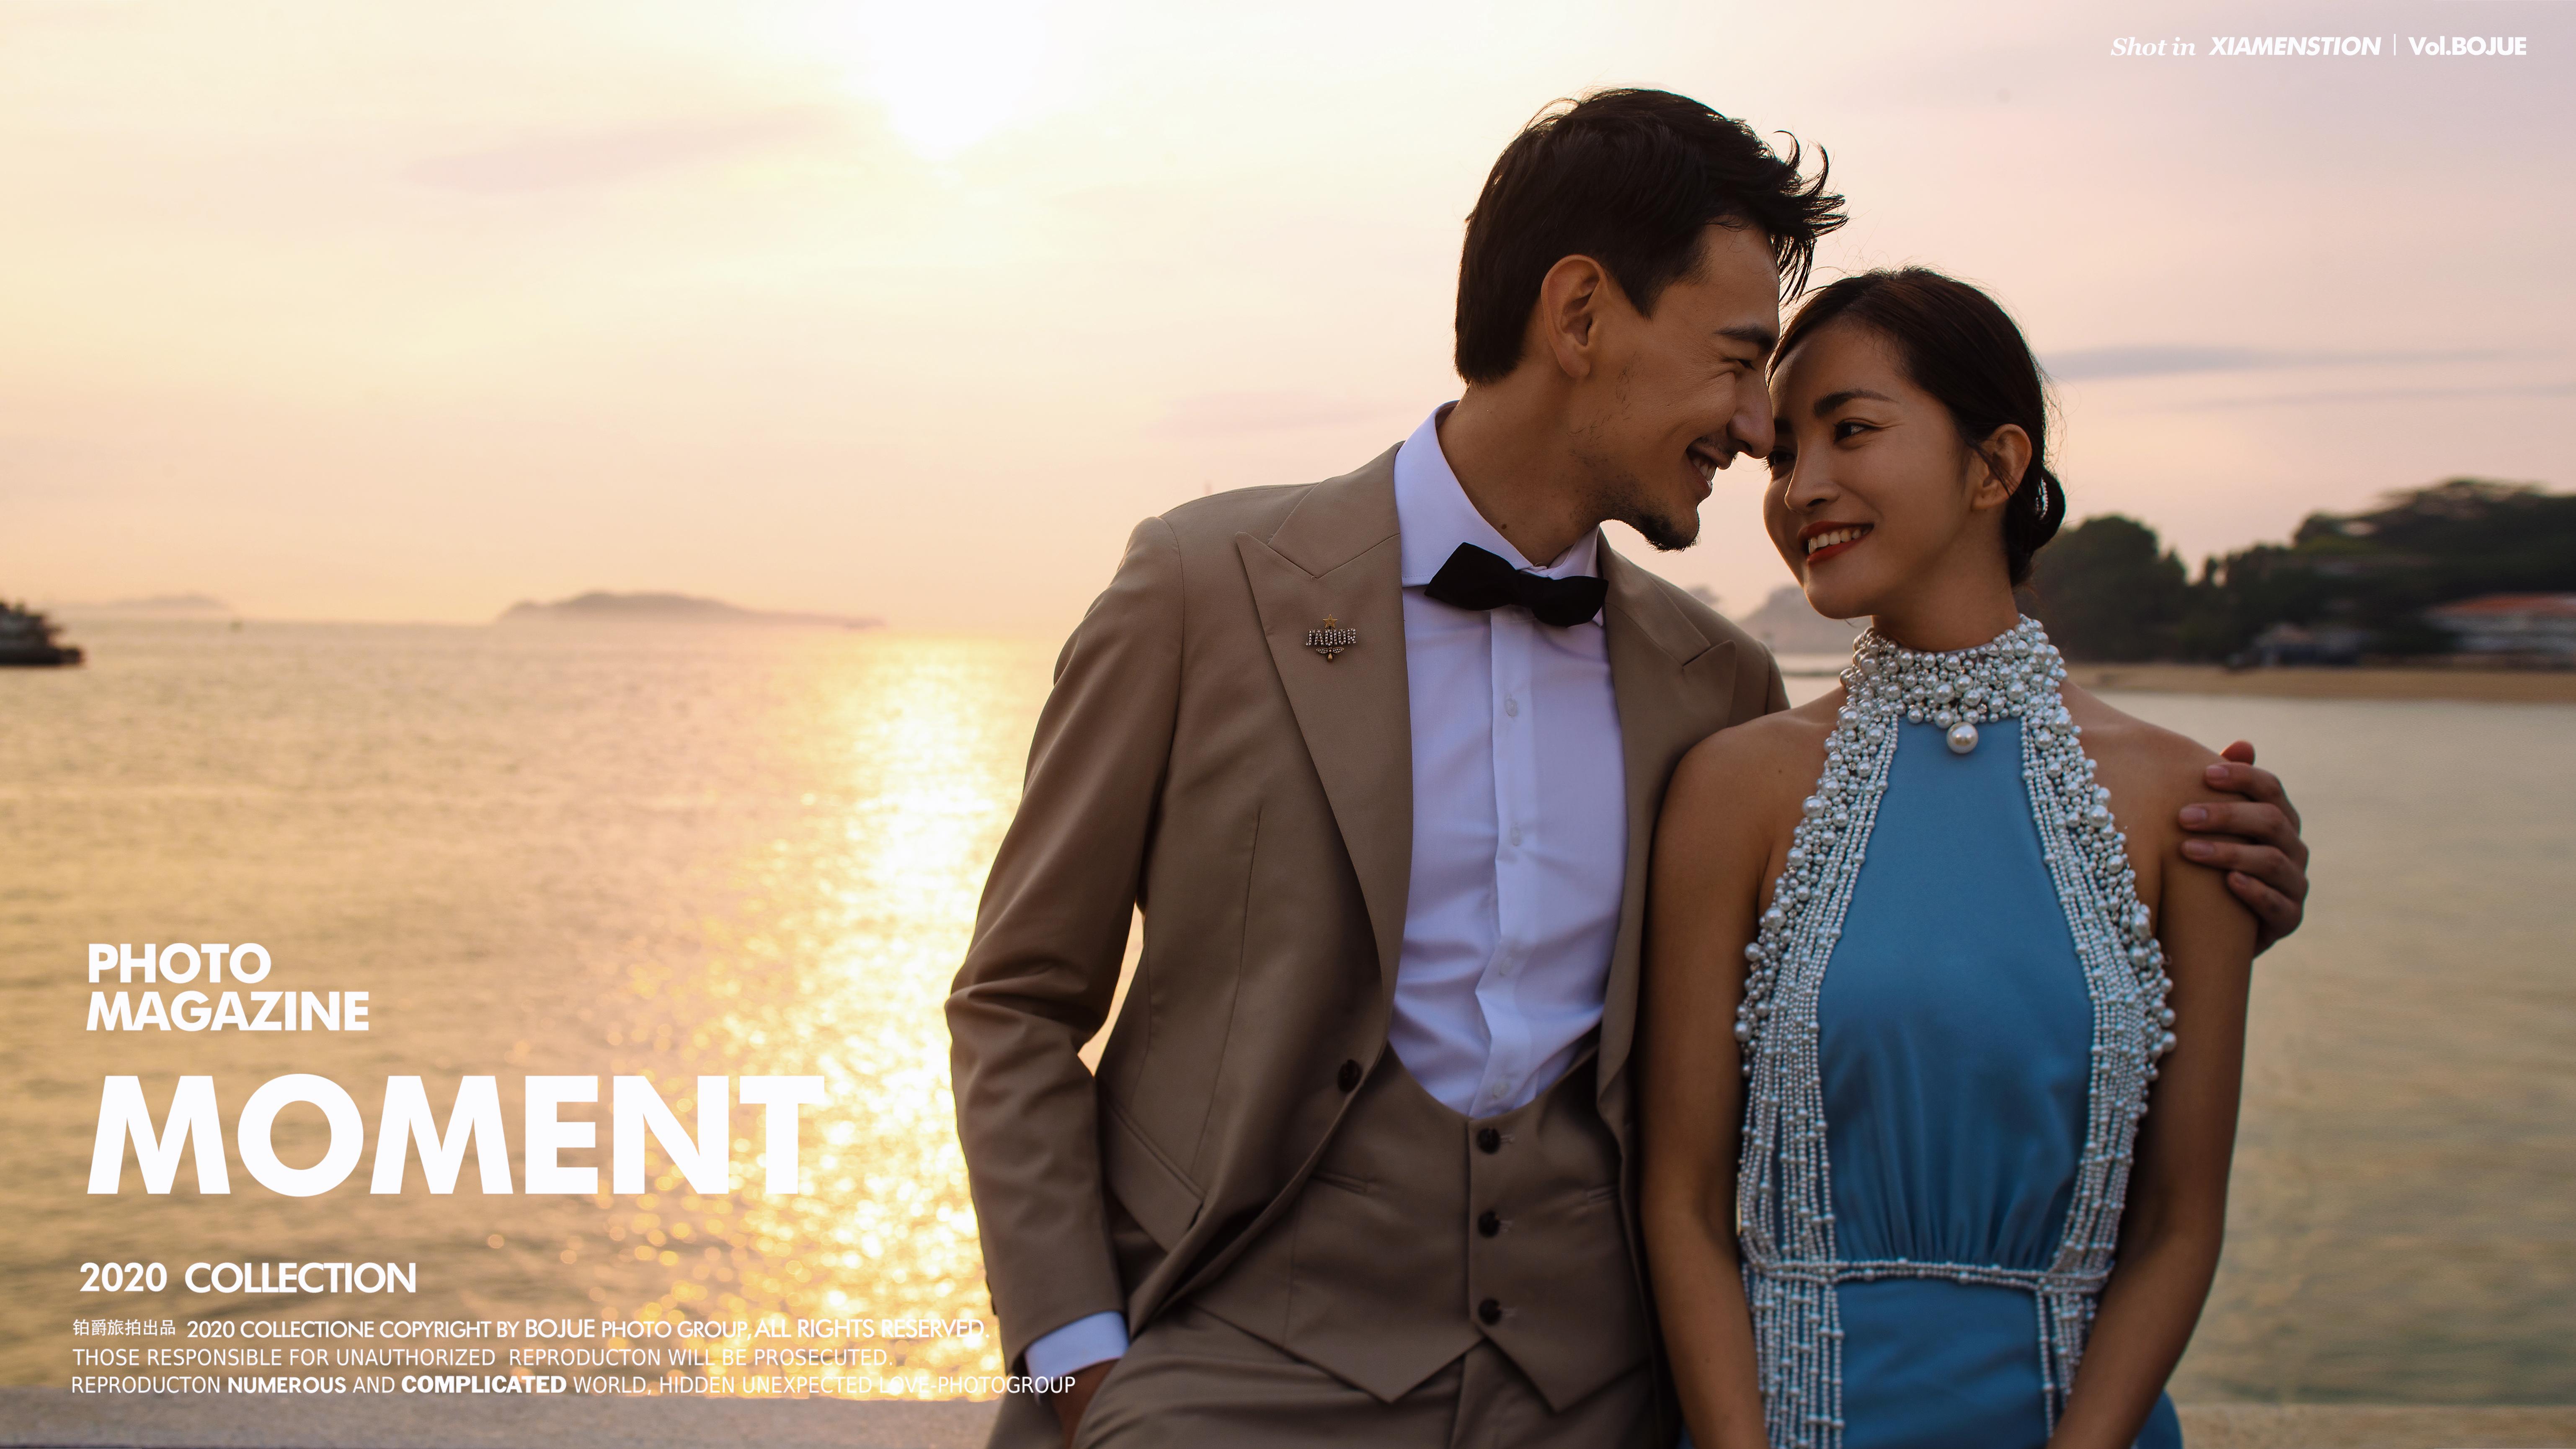 婚纱照有哪些风格 拍婚纱照的注意事项有哪些